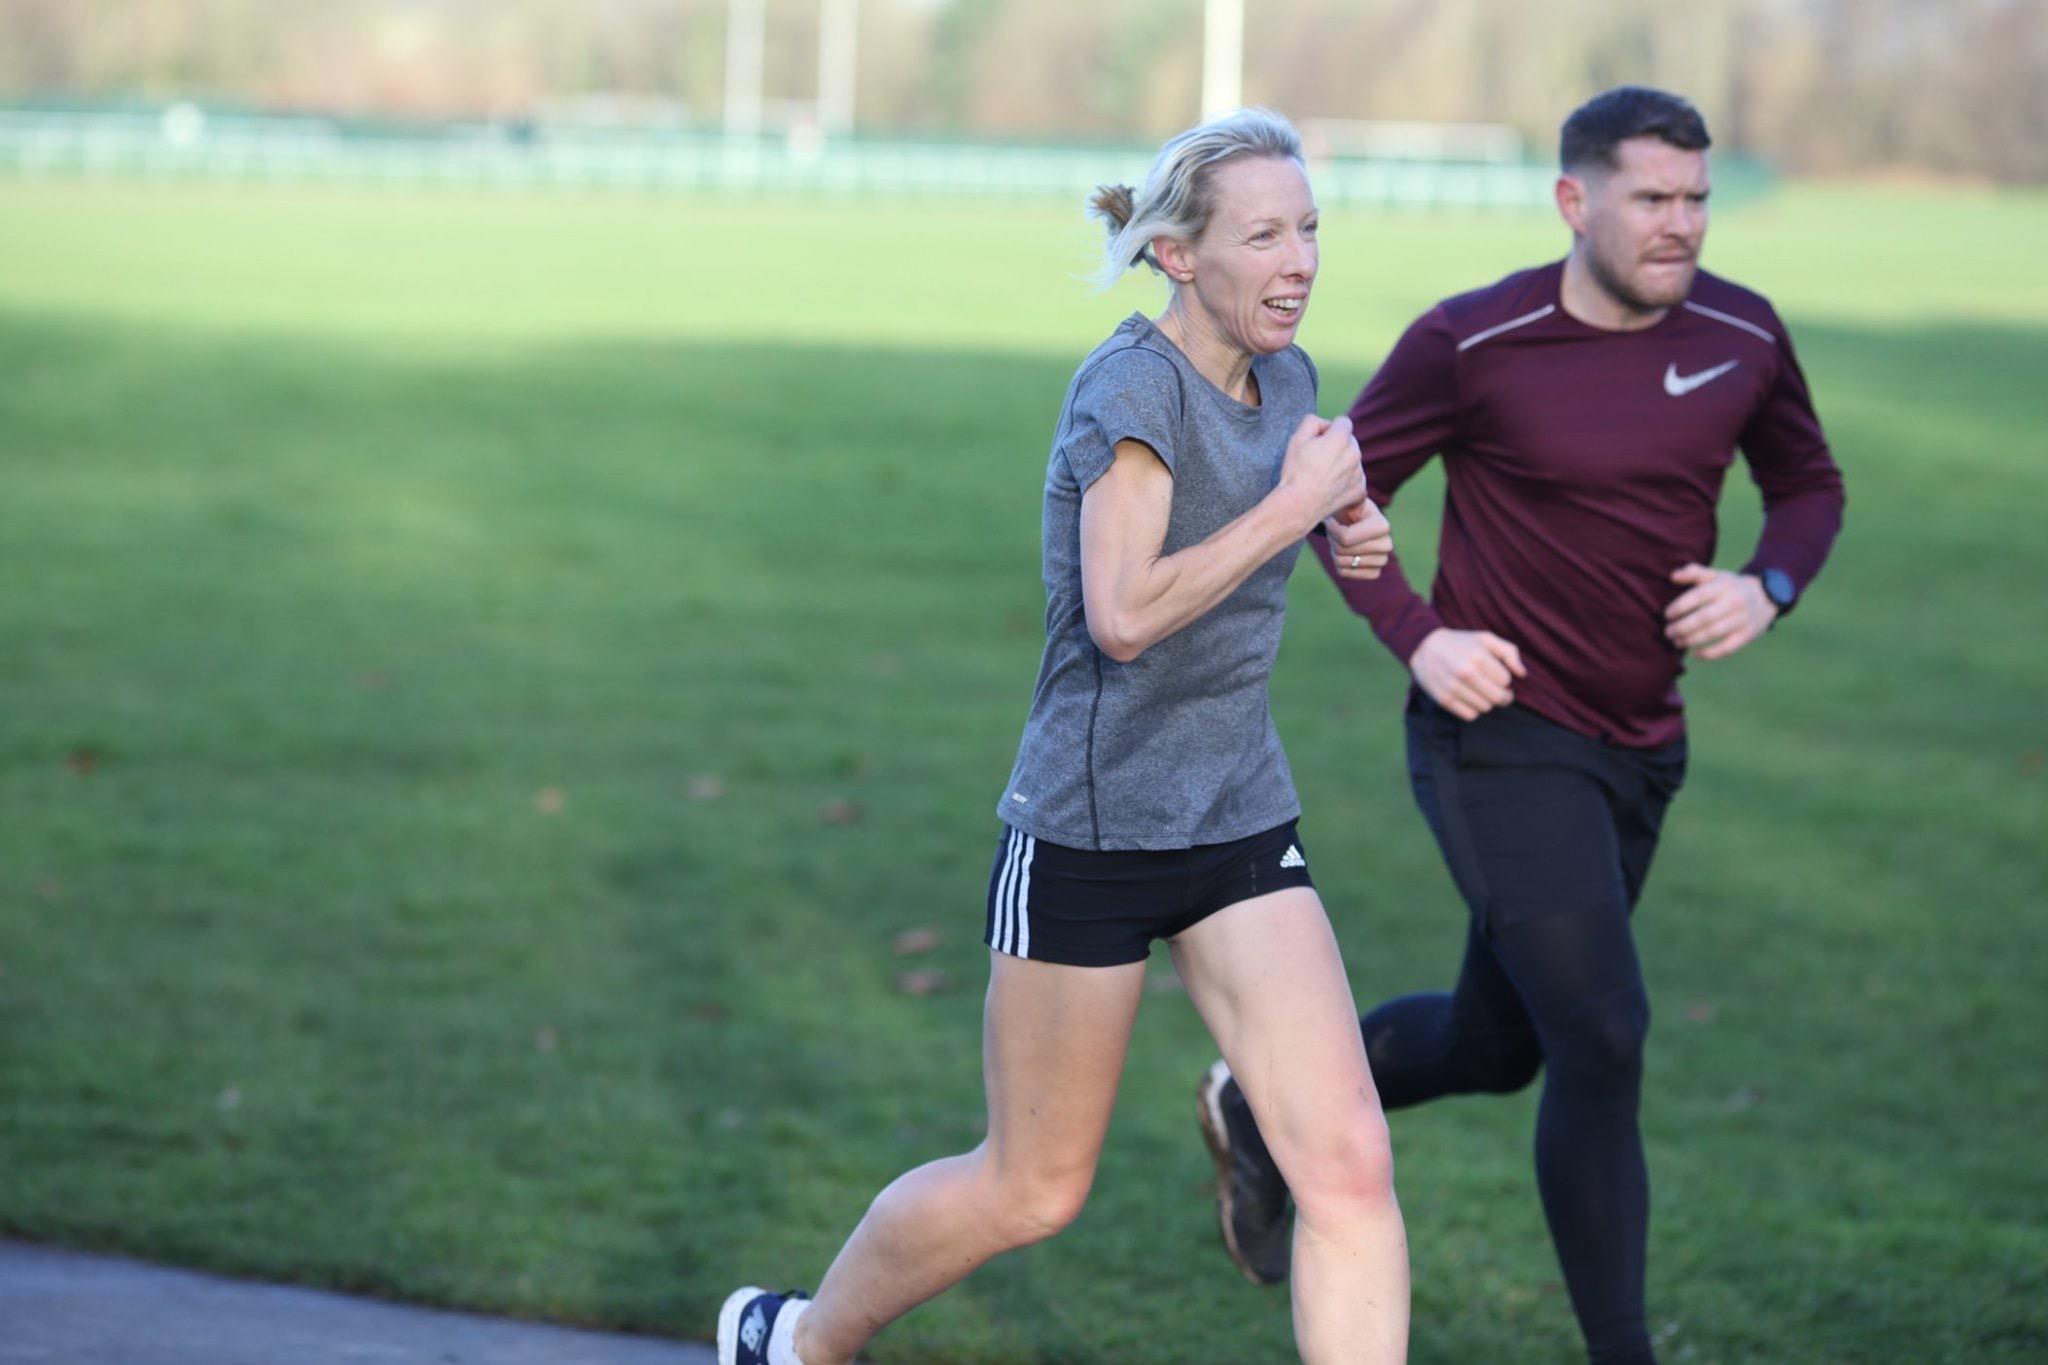 Louise Blizzard ran her first London Marathon in 1994